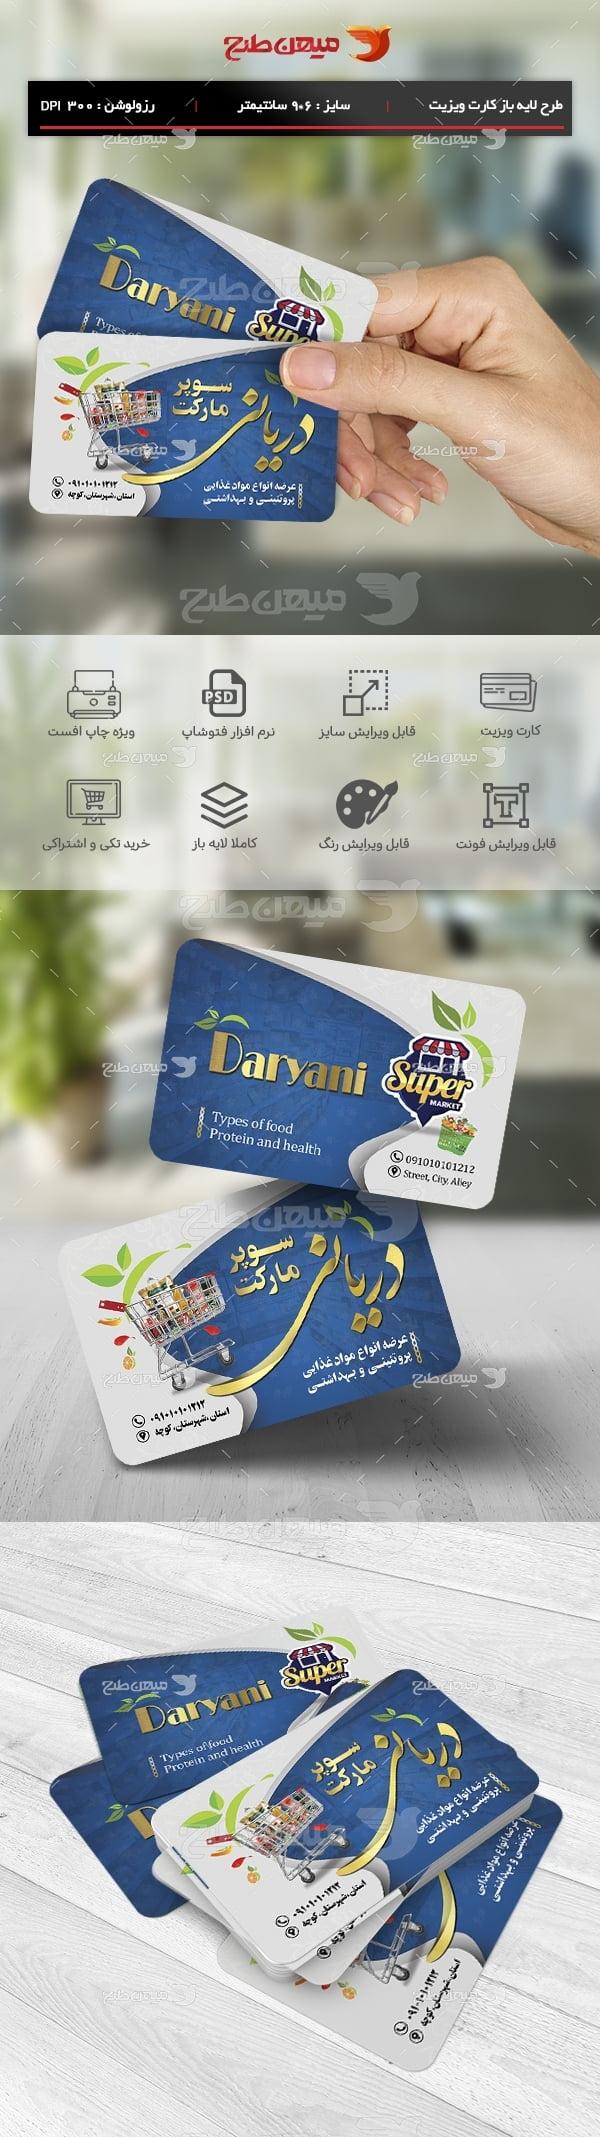 طرح لایه باز کارت ویزیت سوپر مارکت